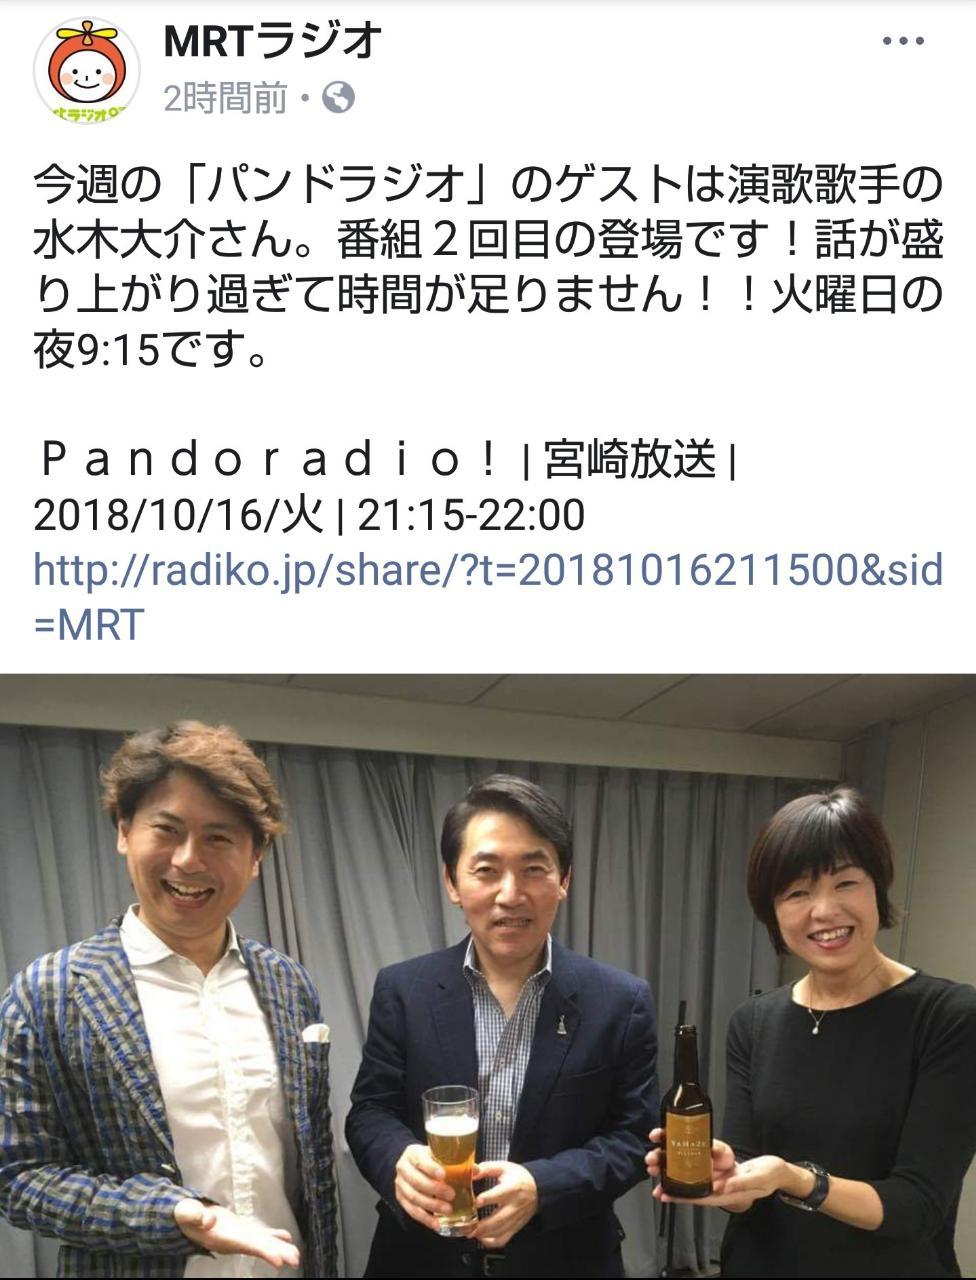 今夜の21:15からはMRTPandoradioの放送です✨_d0051146_1417437.jpg